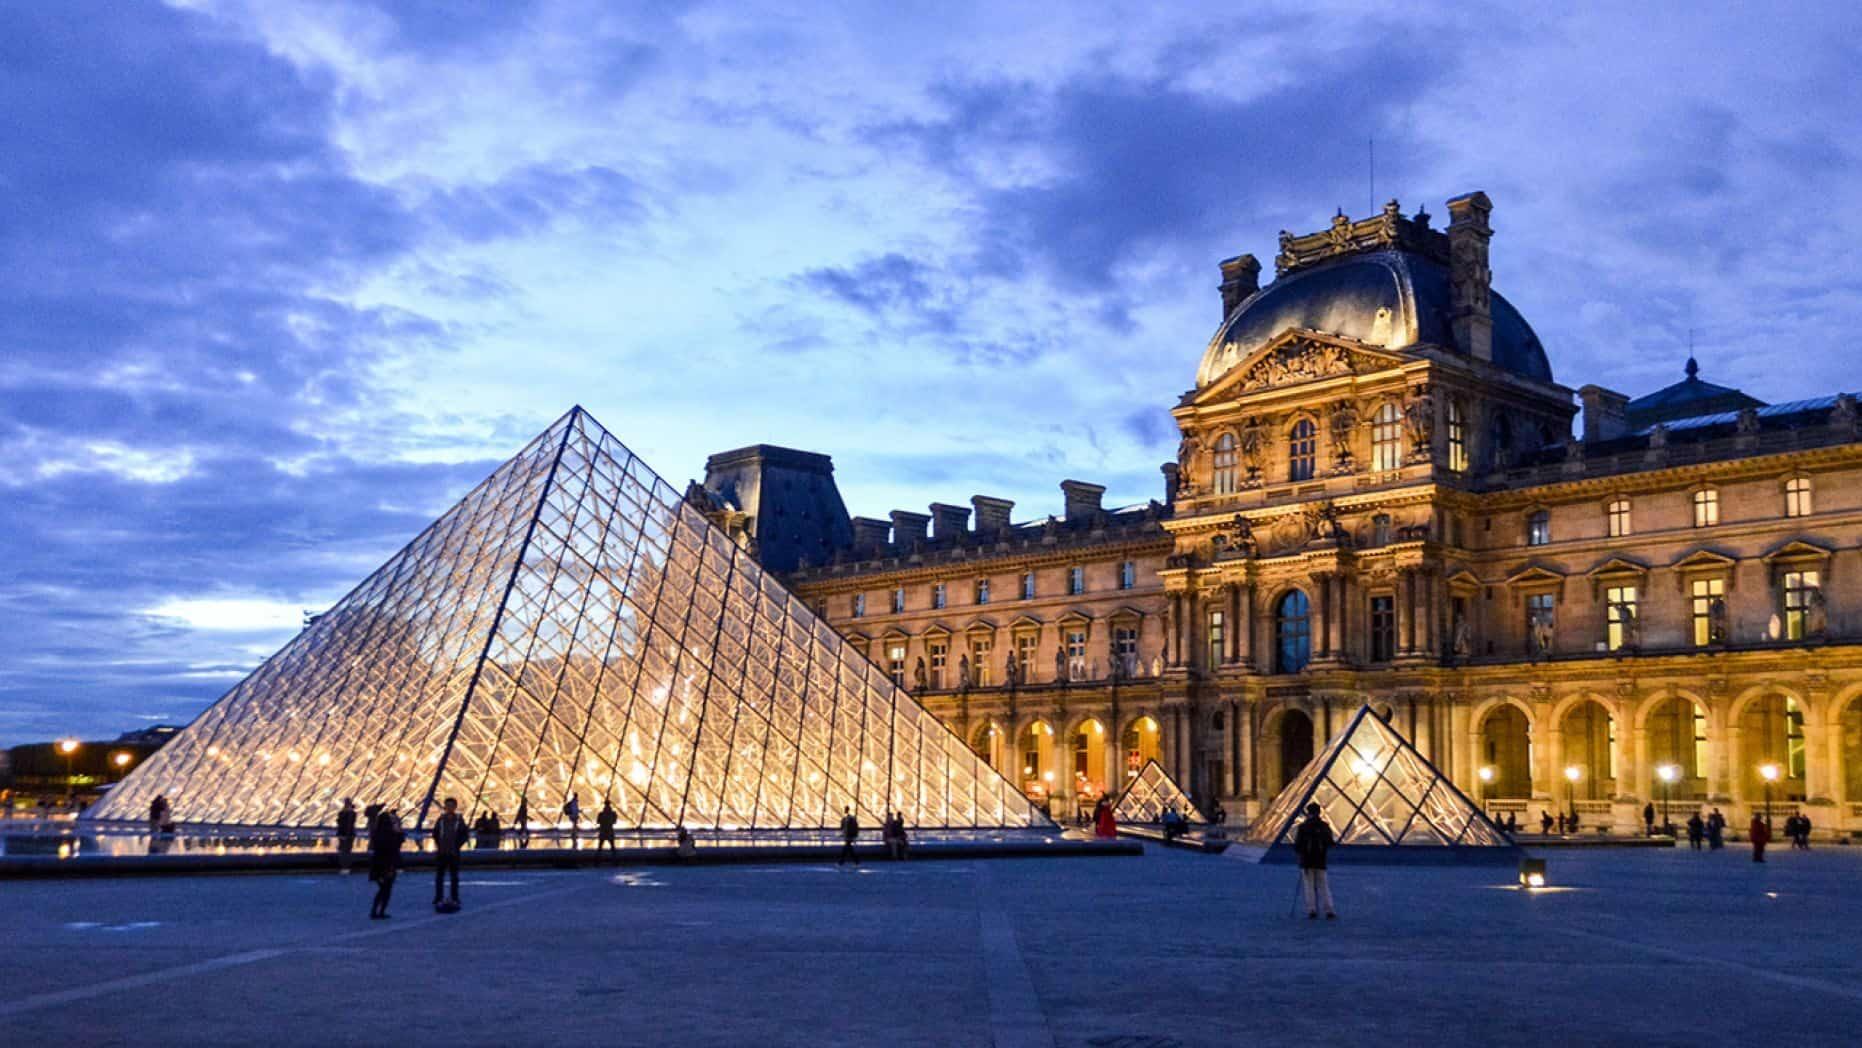 Louvre Museum of Paris